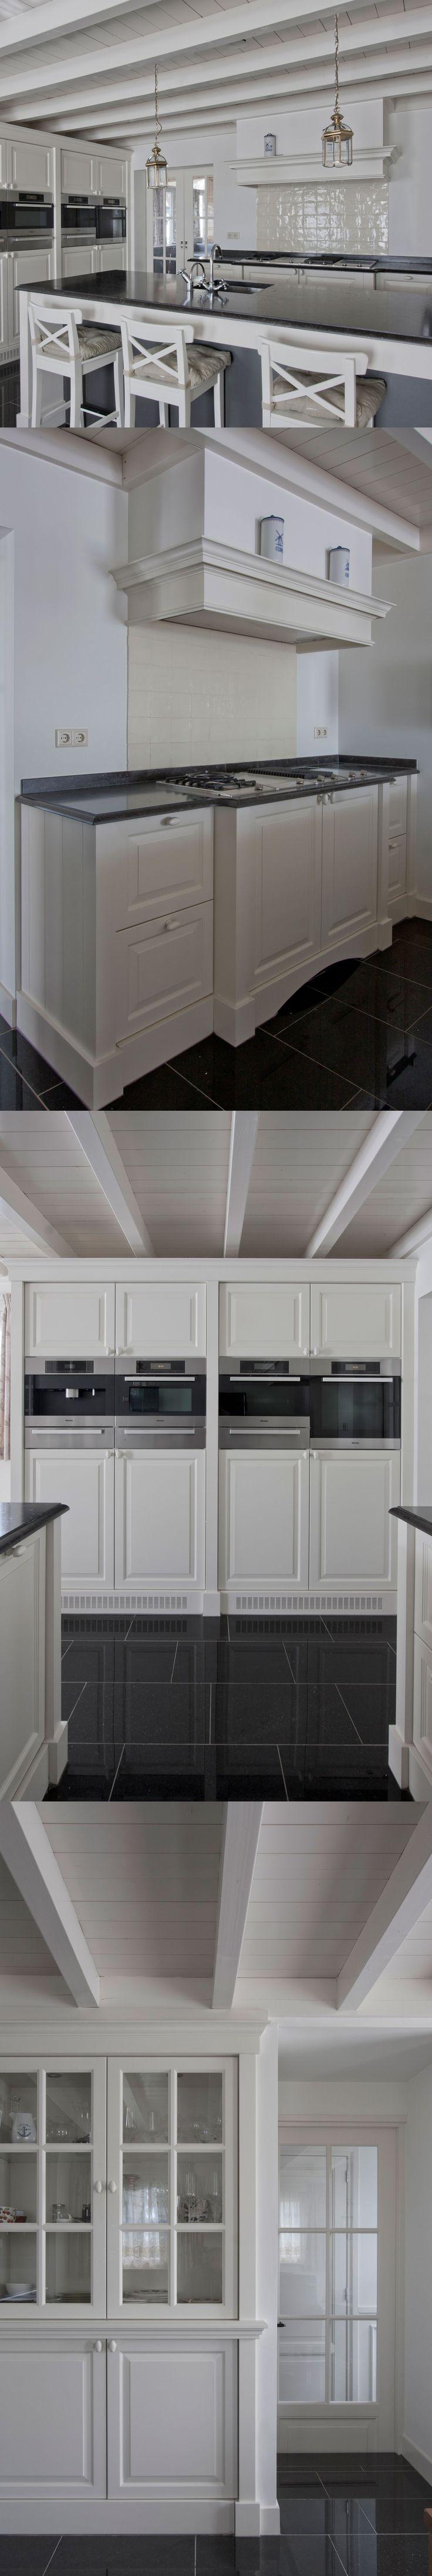 Corne de Keukenspecialist heeft het ontwerp 3D rendering en realisatie voor deze landelijk klassieke keuken gerealiseerd. Toegepast : Wit gelakte keuken - composiet werkblad Belgian Blue - Miele apparatuur